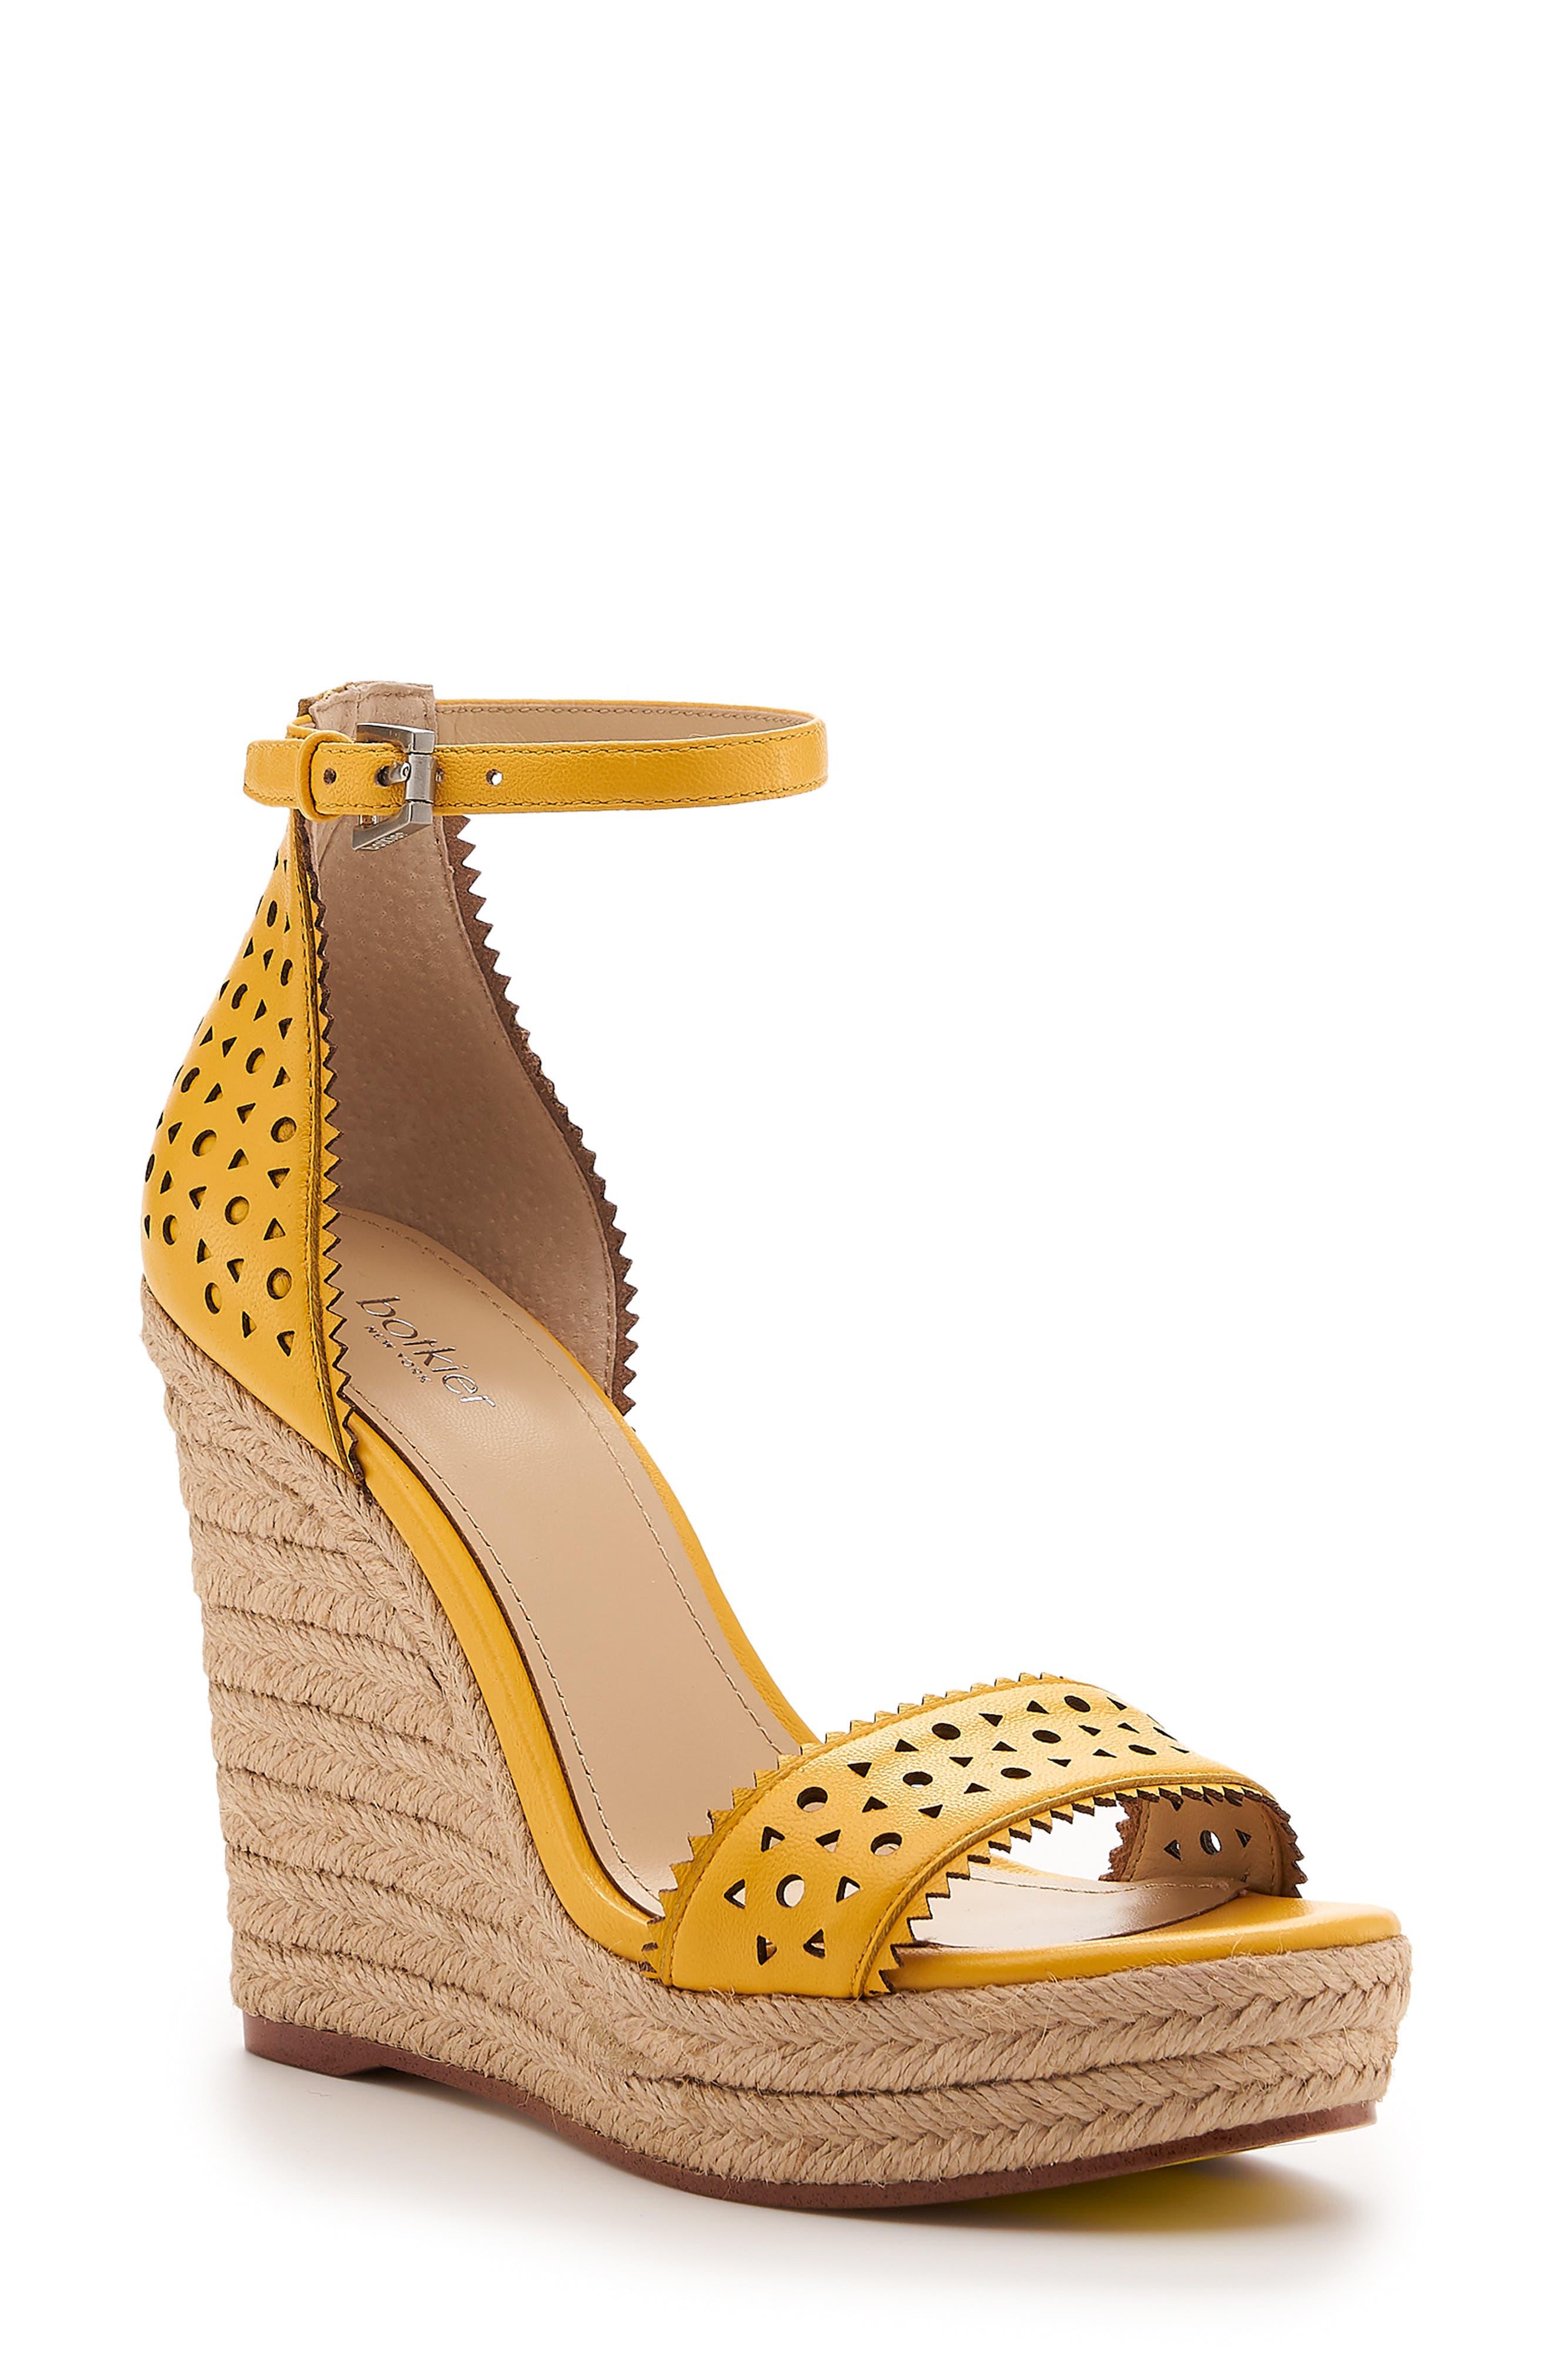 7775ba7e0b9c Women s Botkier Shoes